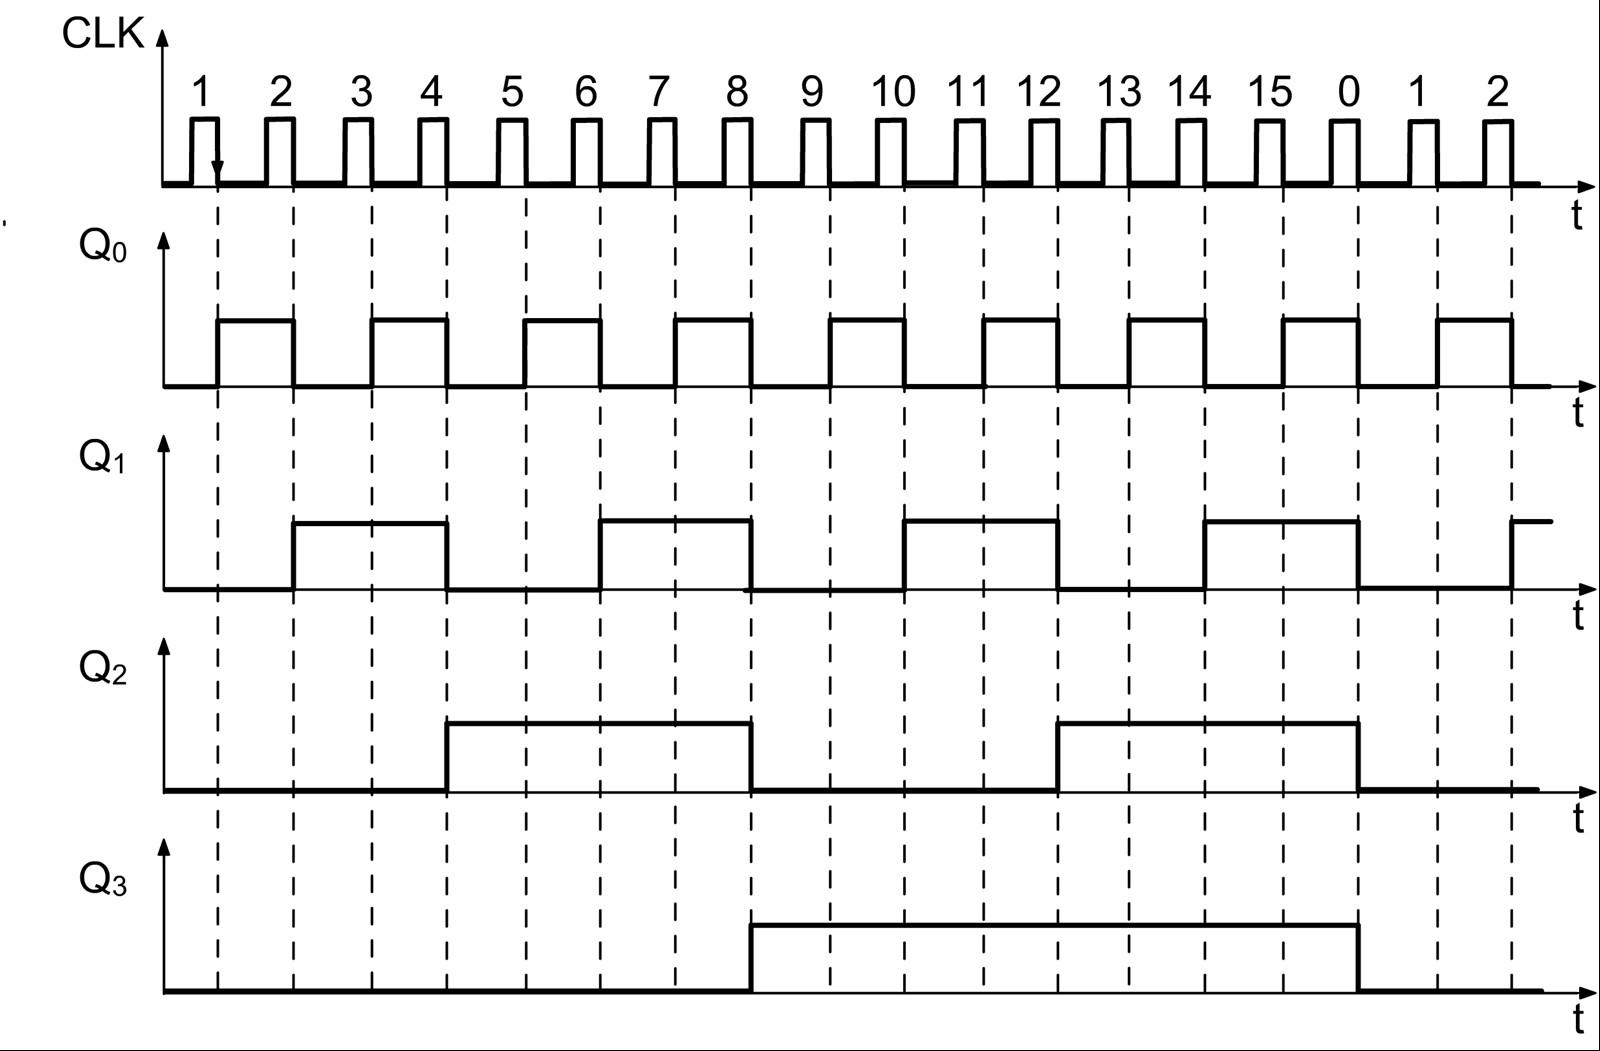 4 bites aszinkron bináris számláló kimeneti állapotainak időfüggvénye c6fe46629f